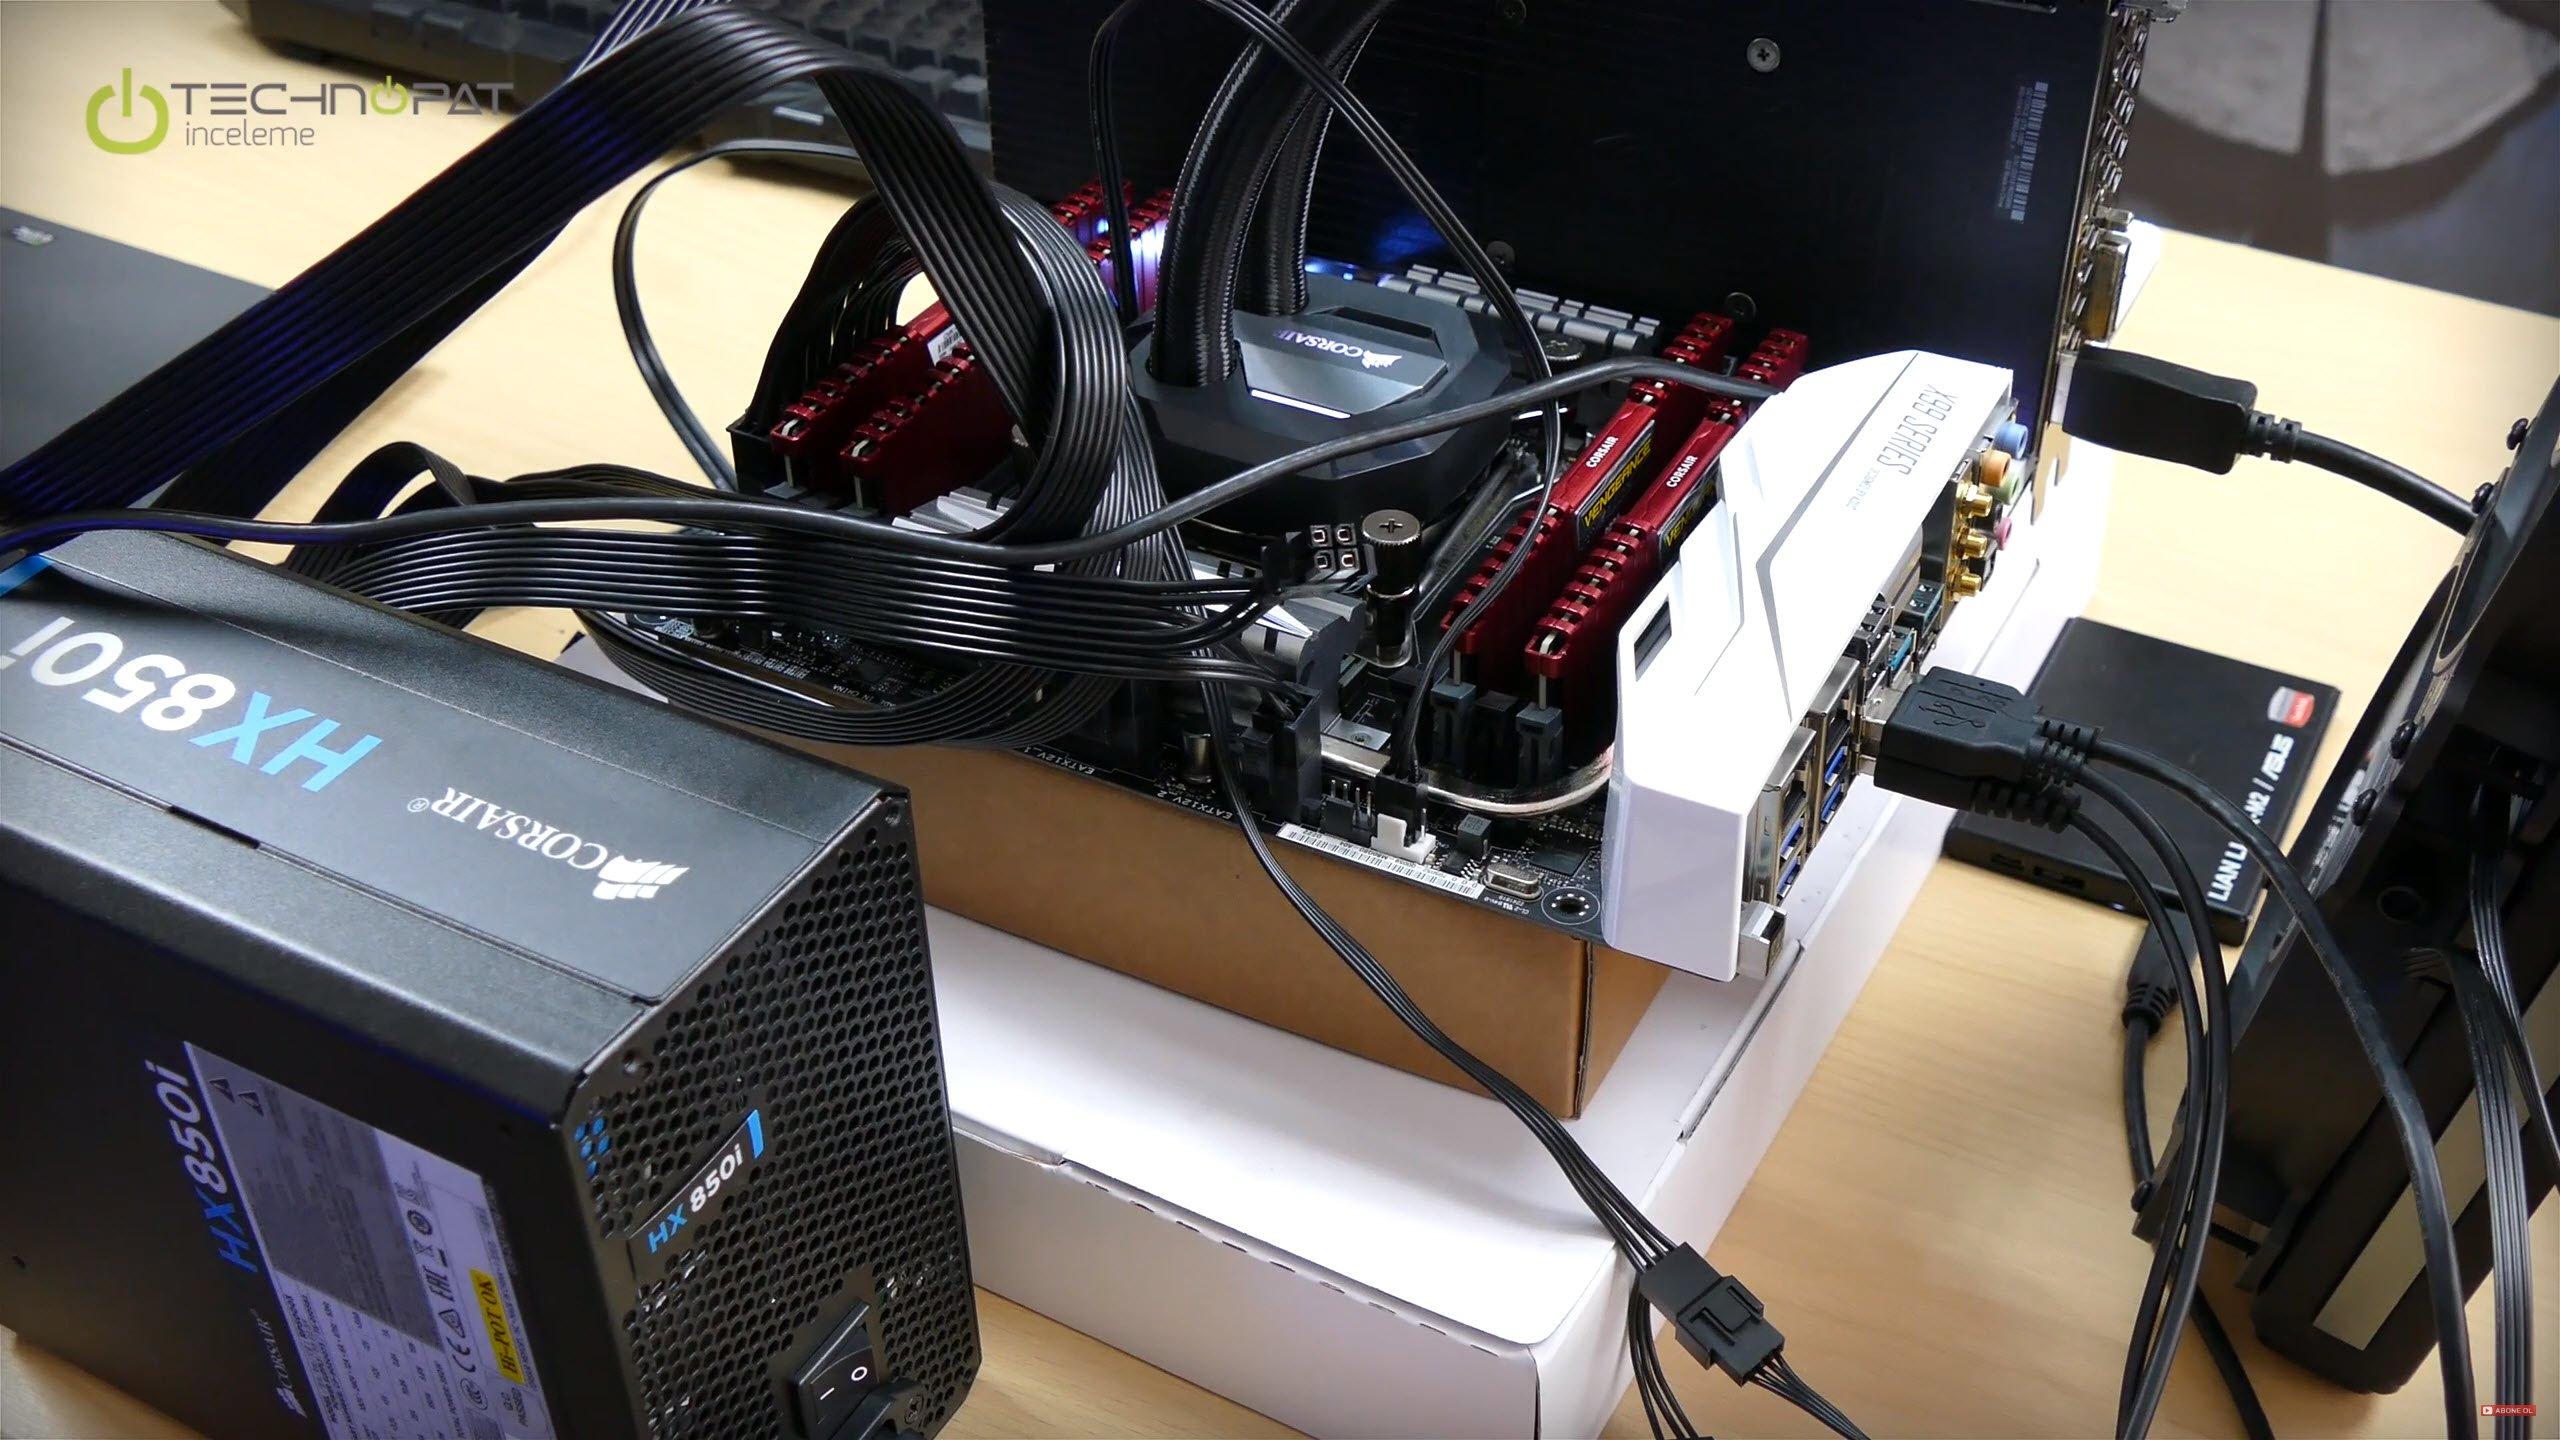 Intel Core i7 6900K İşlemci İncelemesi için kurduğumuz uzay montaj test düzeni